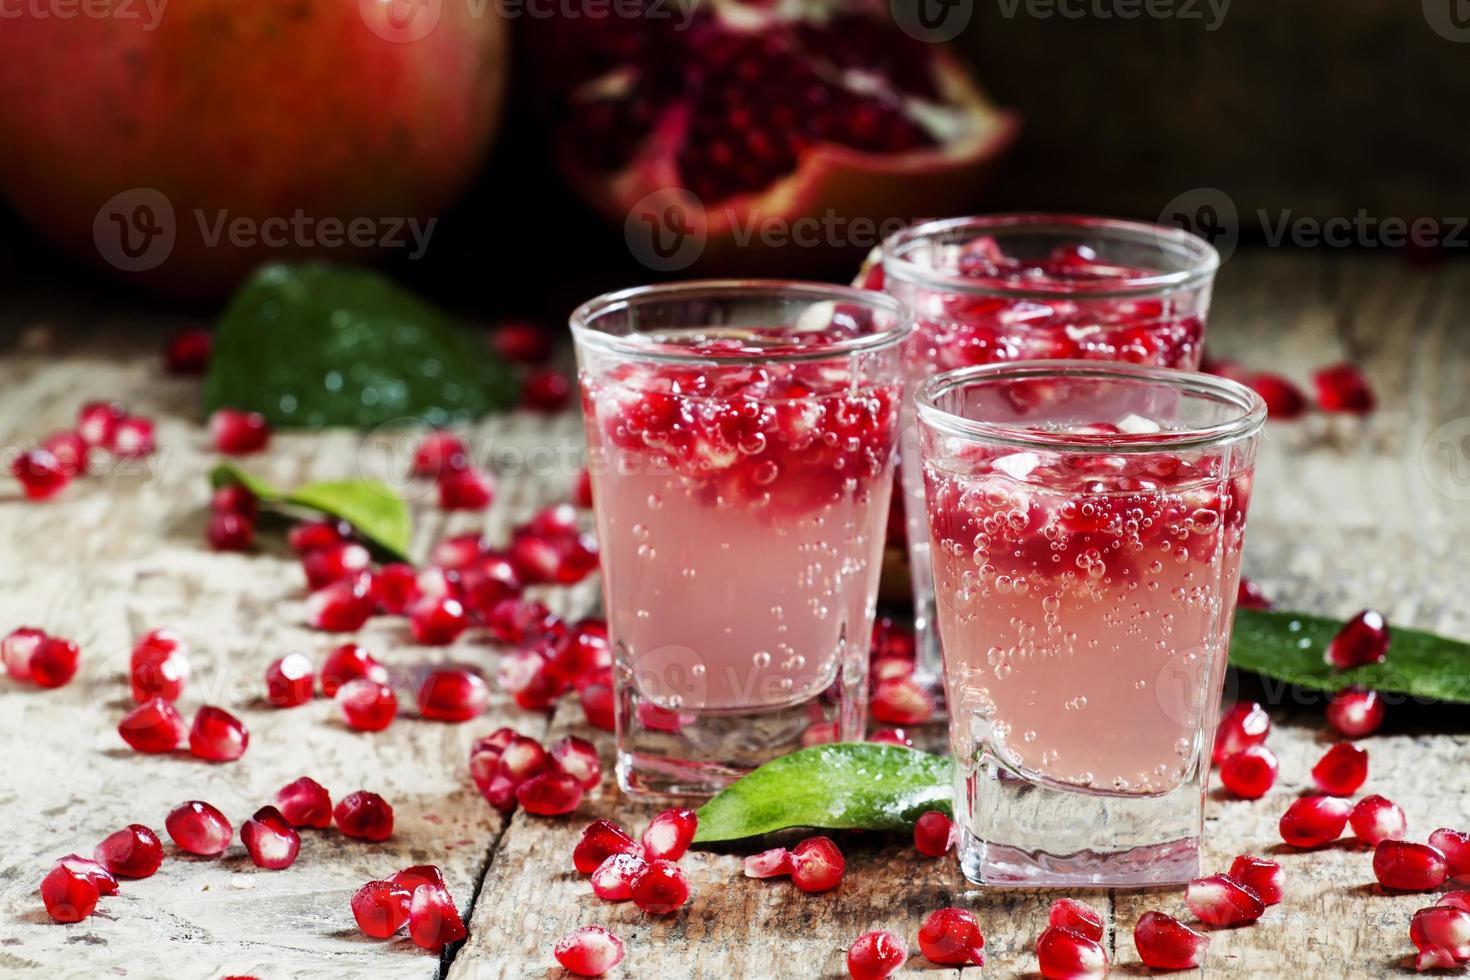 bevanda gassata rinfrescante al melograno foto